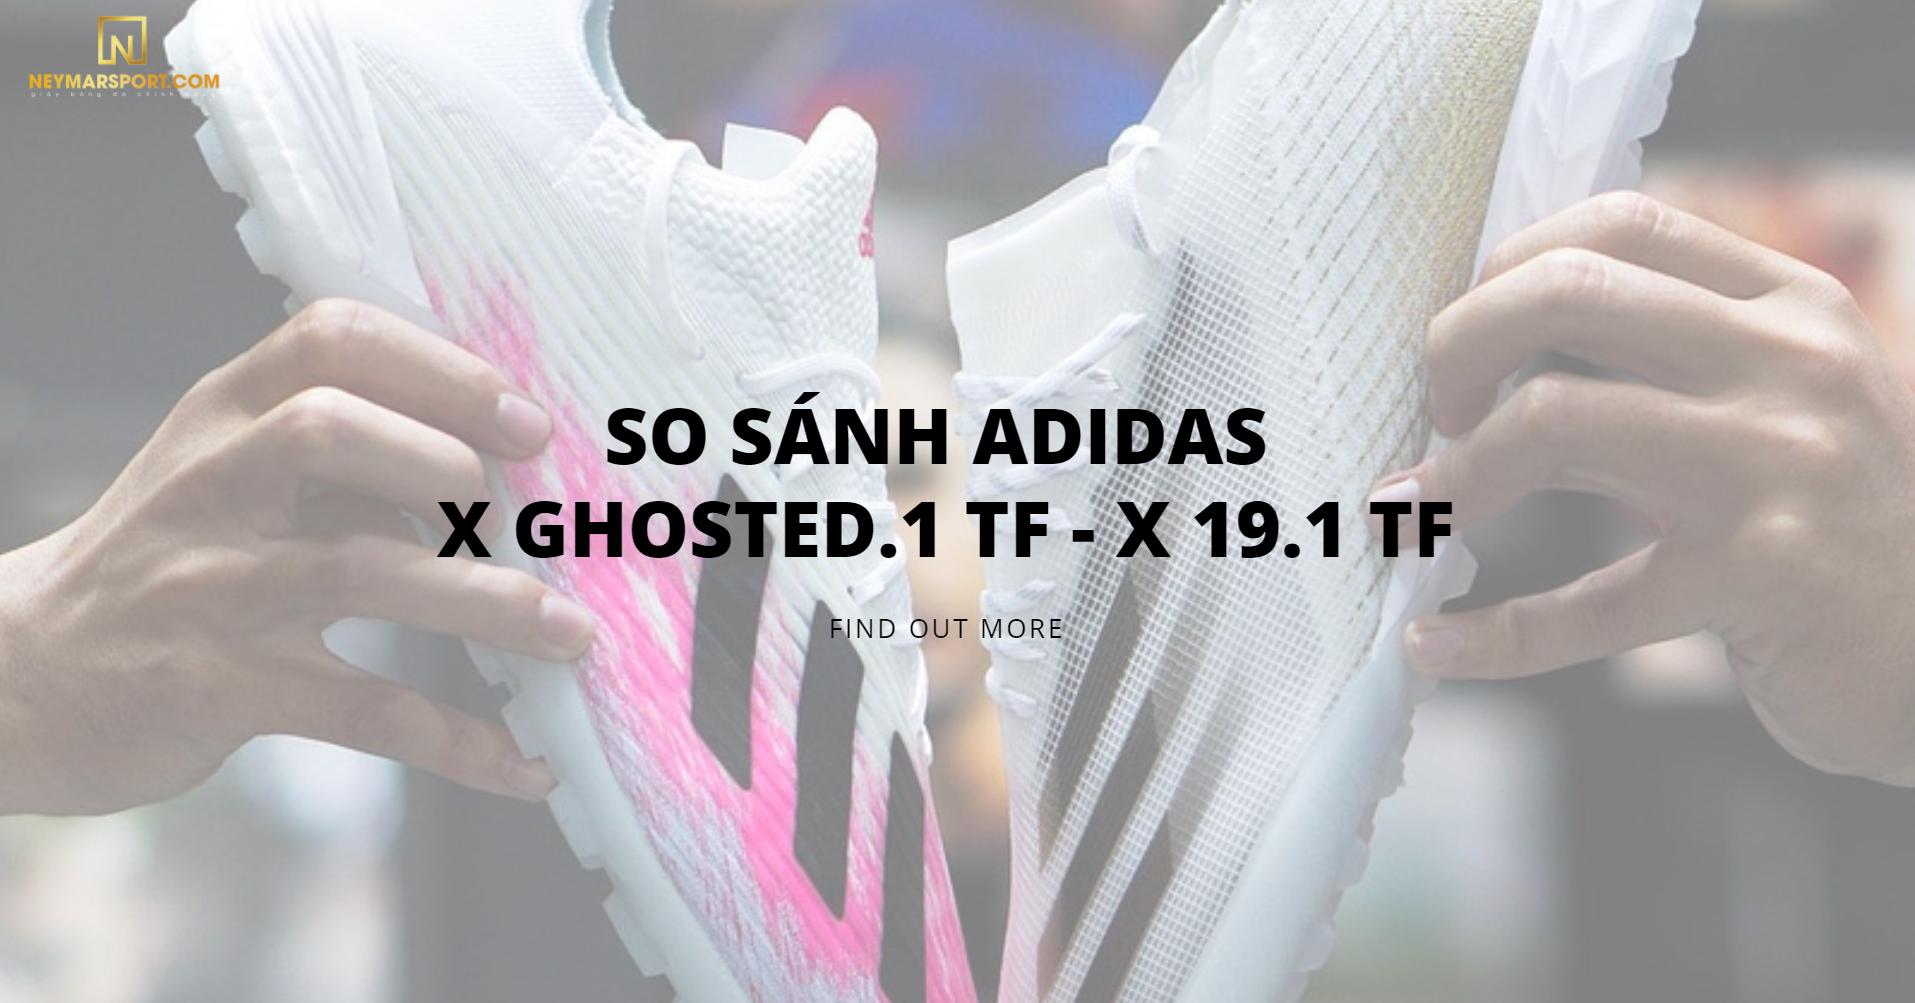 So Sánh 2 Dòng Giày Cỏ Nhân Tạo Adidas X Ghosted.1 TF và Adidas X 19.1 TF